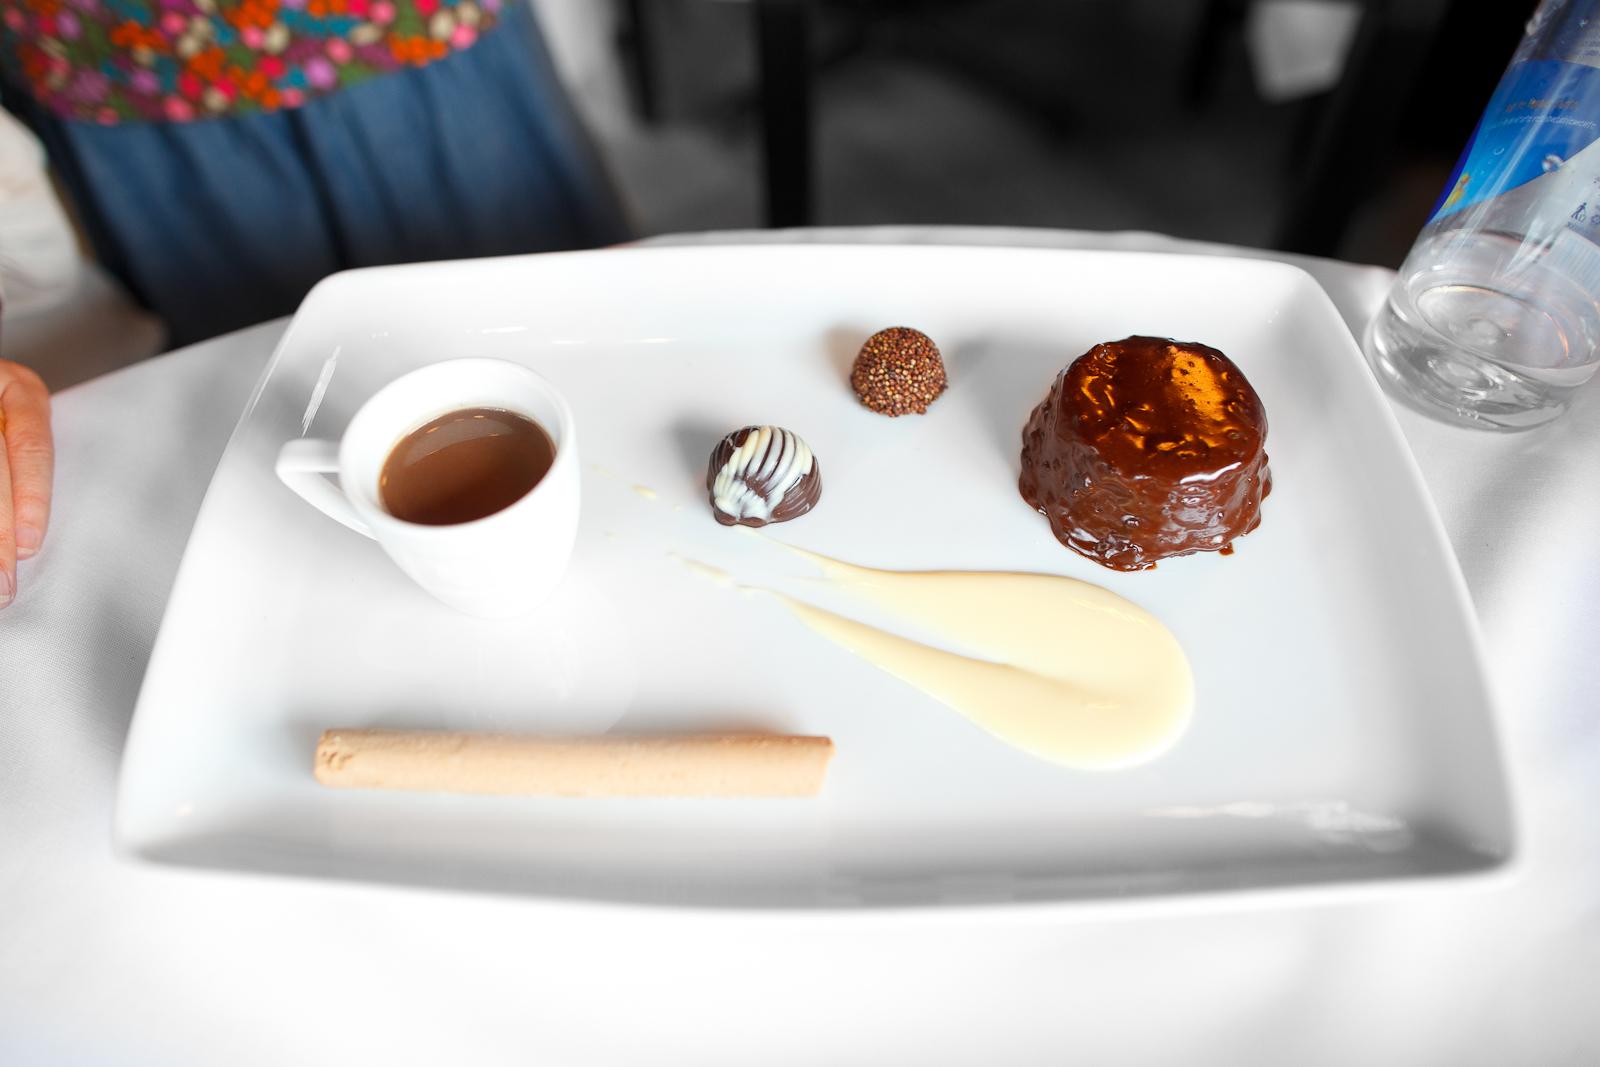 Texturas de chocolate, brownie, mousse, bombón y champurrado, en diferentes porcentajes de cacao (different textures of chocolate: brownie, mousse, candy